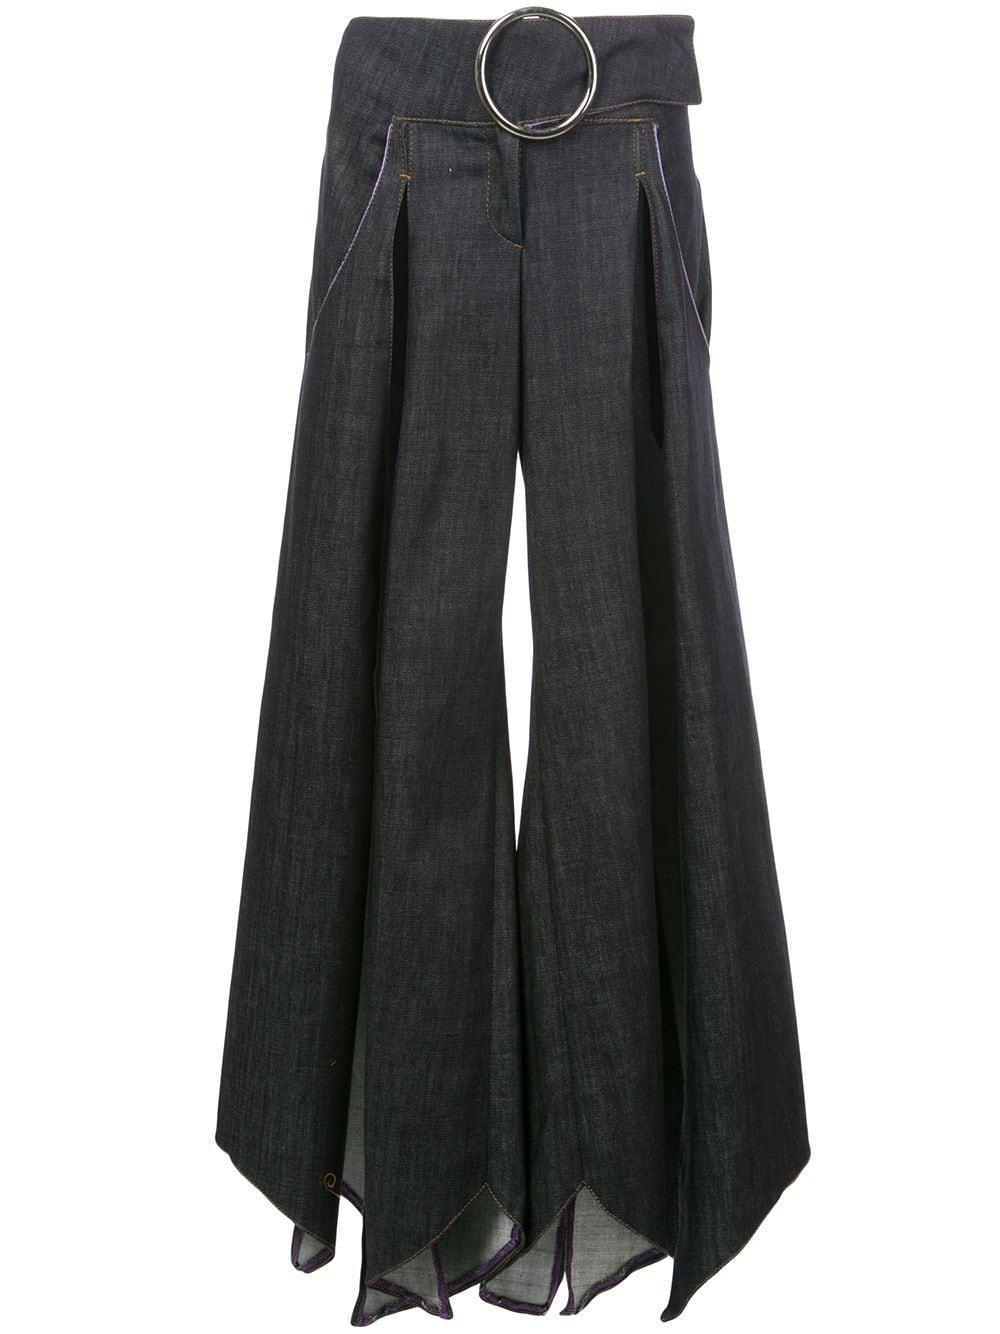 Fantabody multiple slit denim skirt